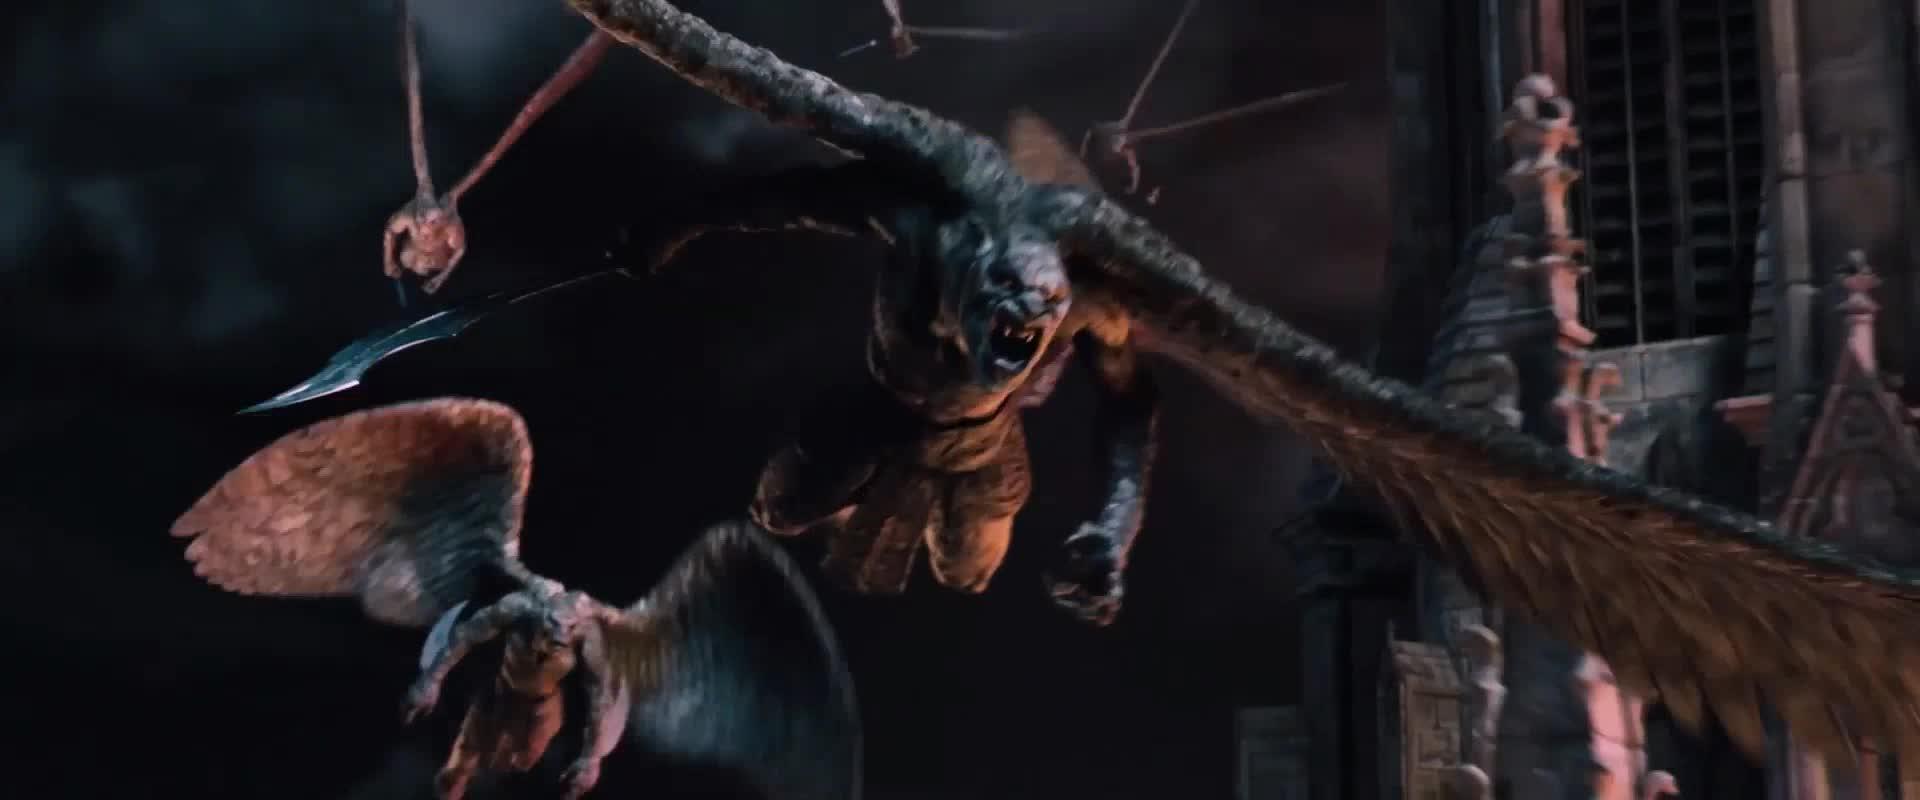 Франкенштейн 2014 смотреть фильм онлайн